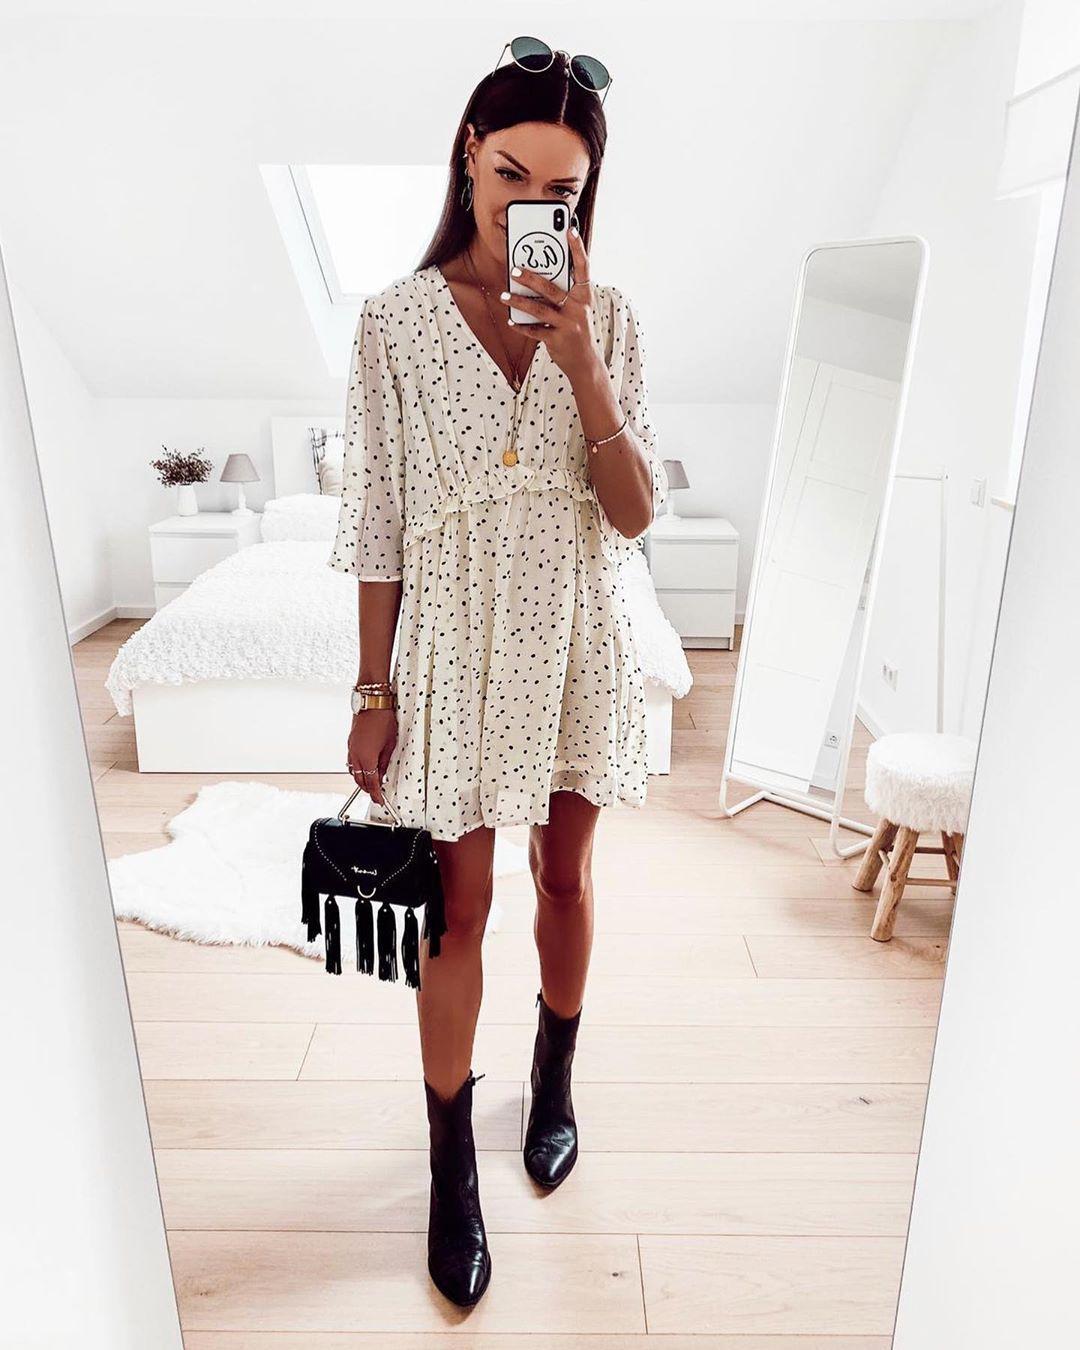 anzeige | #happyday | hey meine lieben, @fashionpuglady